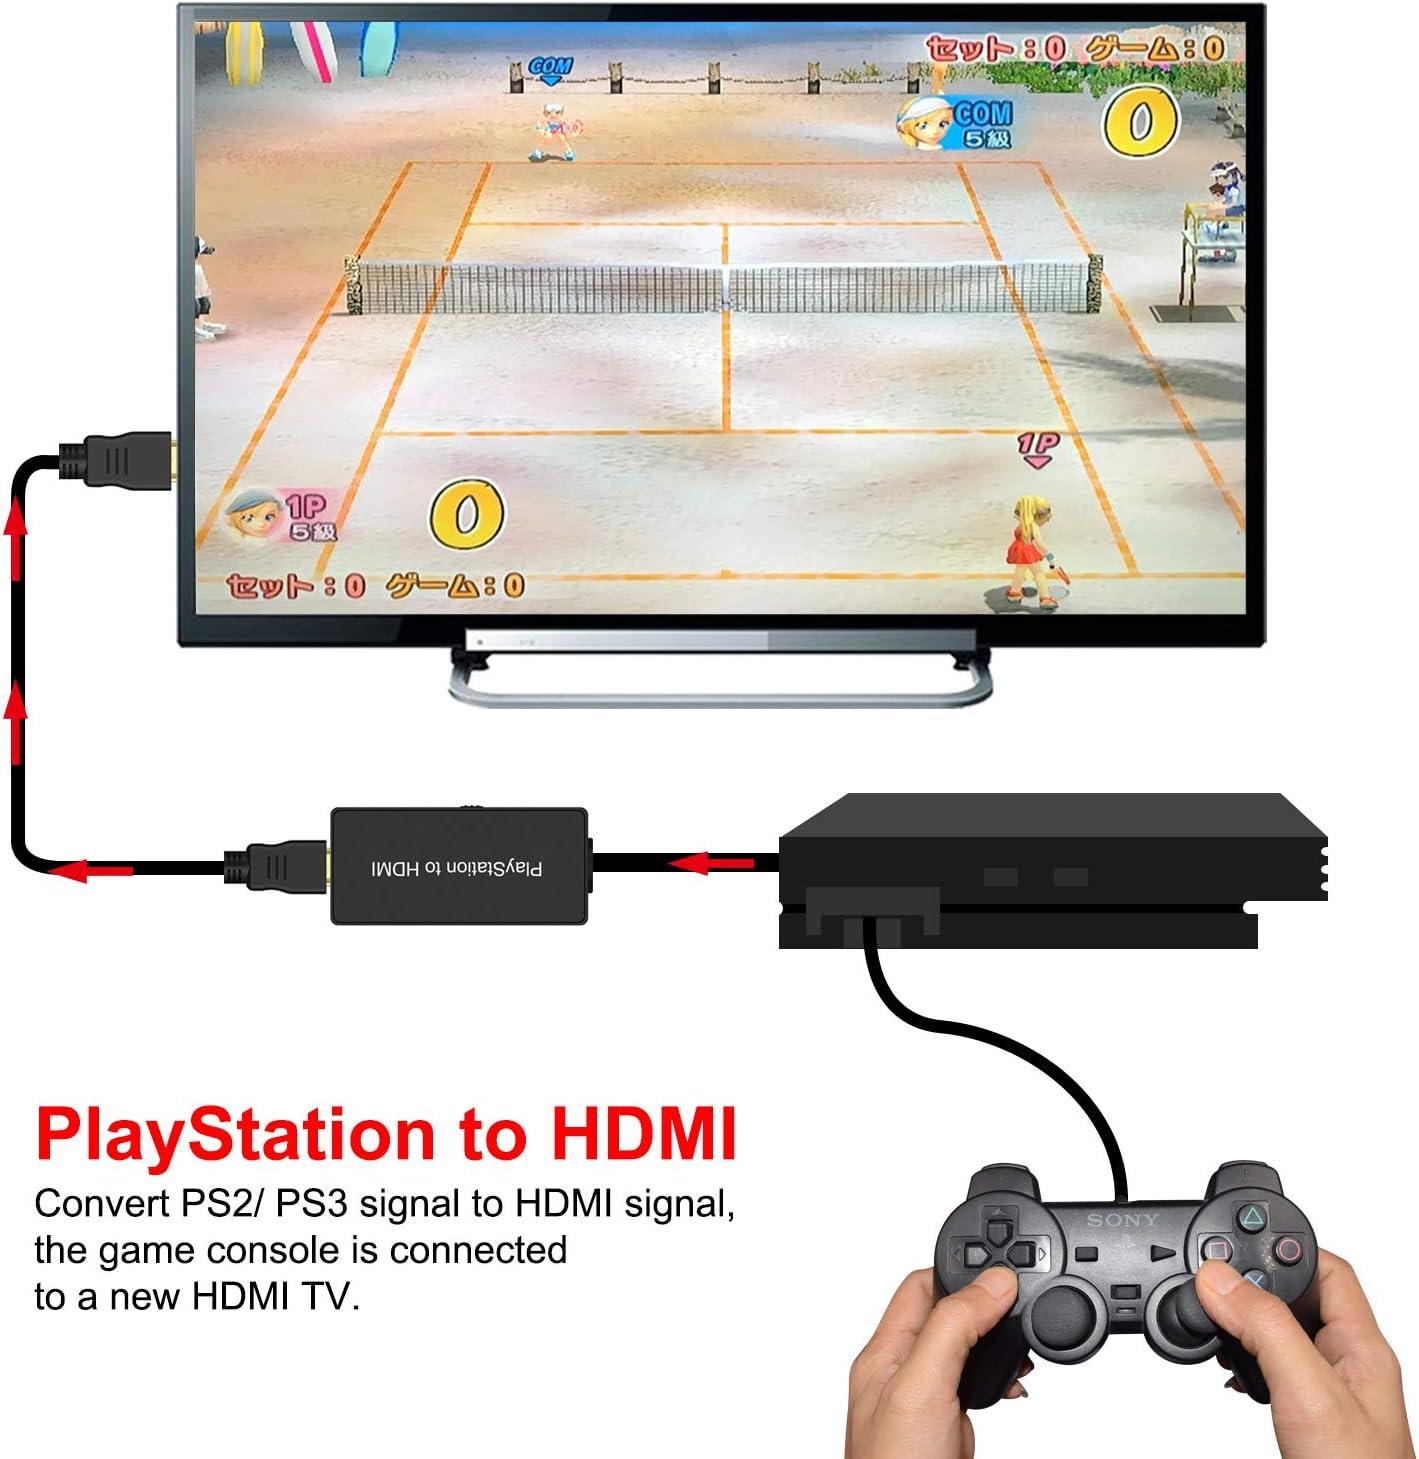 Conversor PS2 a HDMI, adaptador PS2 a HDMI, compatible con Sony Playstation 2/Playstation 3, conecta una consola de juegos PS2 a un nuevo televisor HDMI: Amazon.es: Salud y cuidado personal